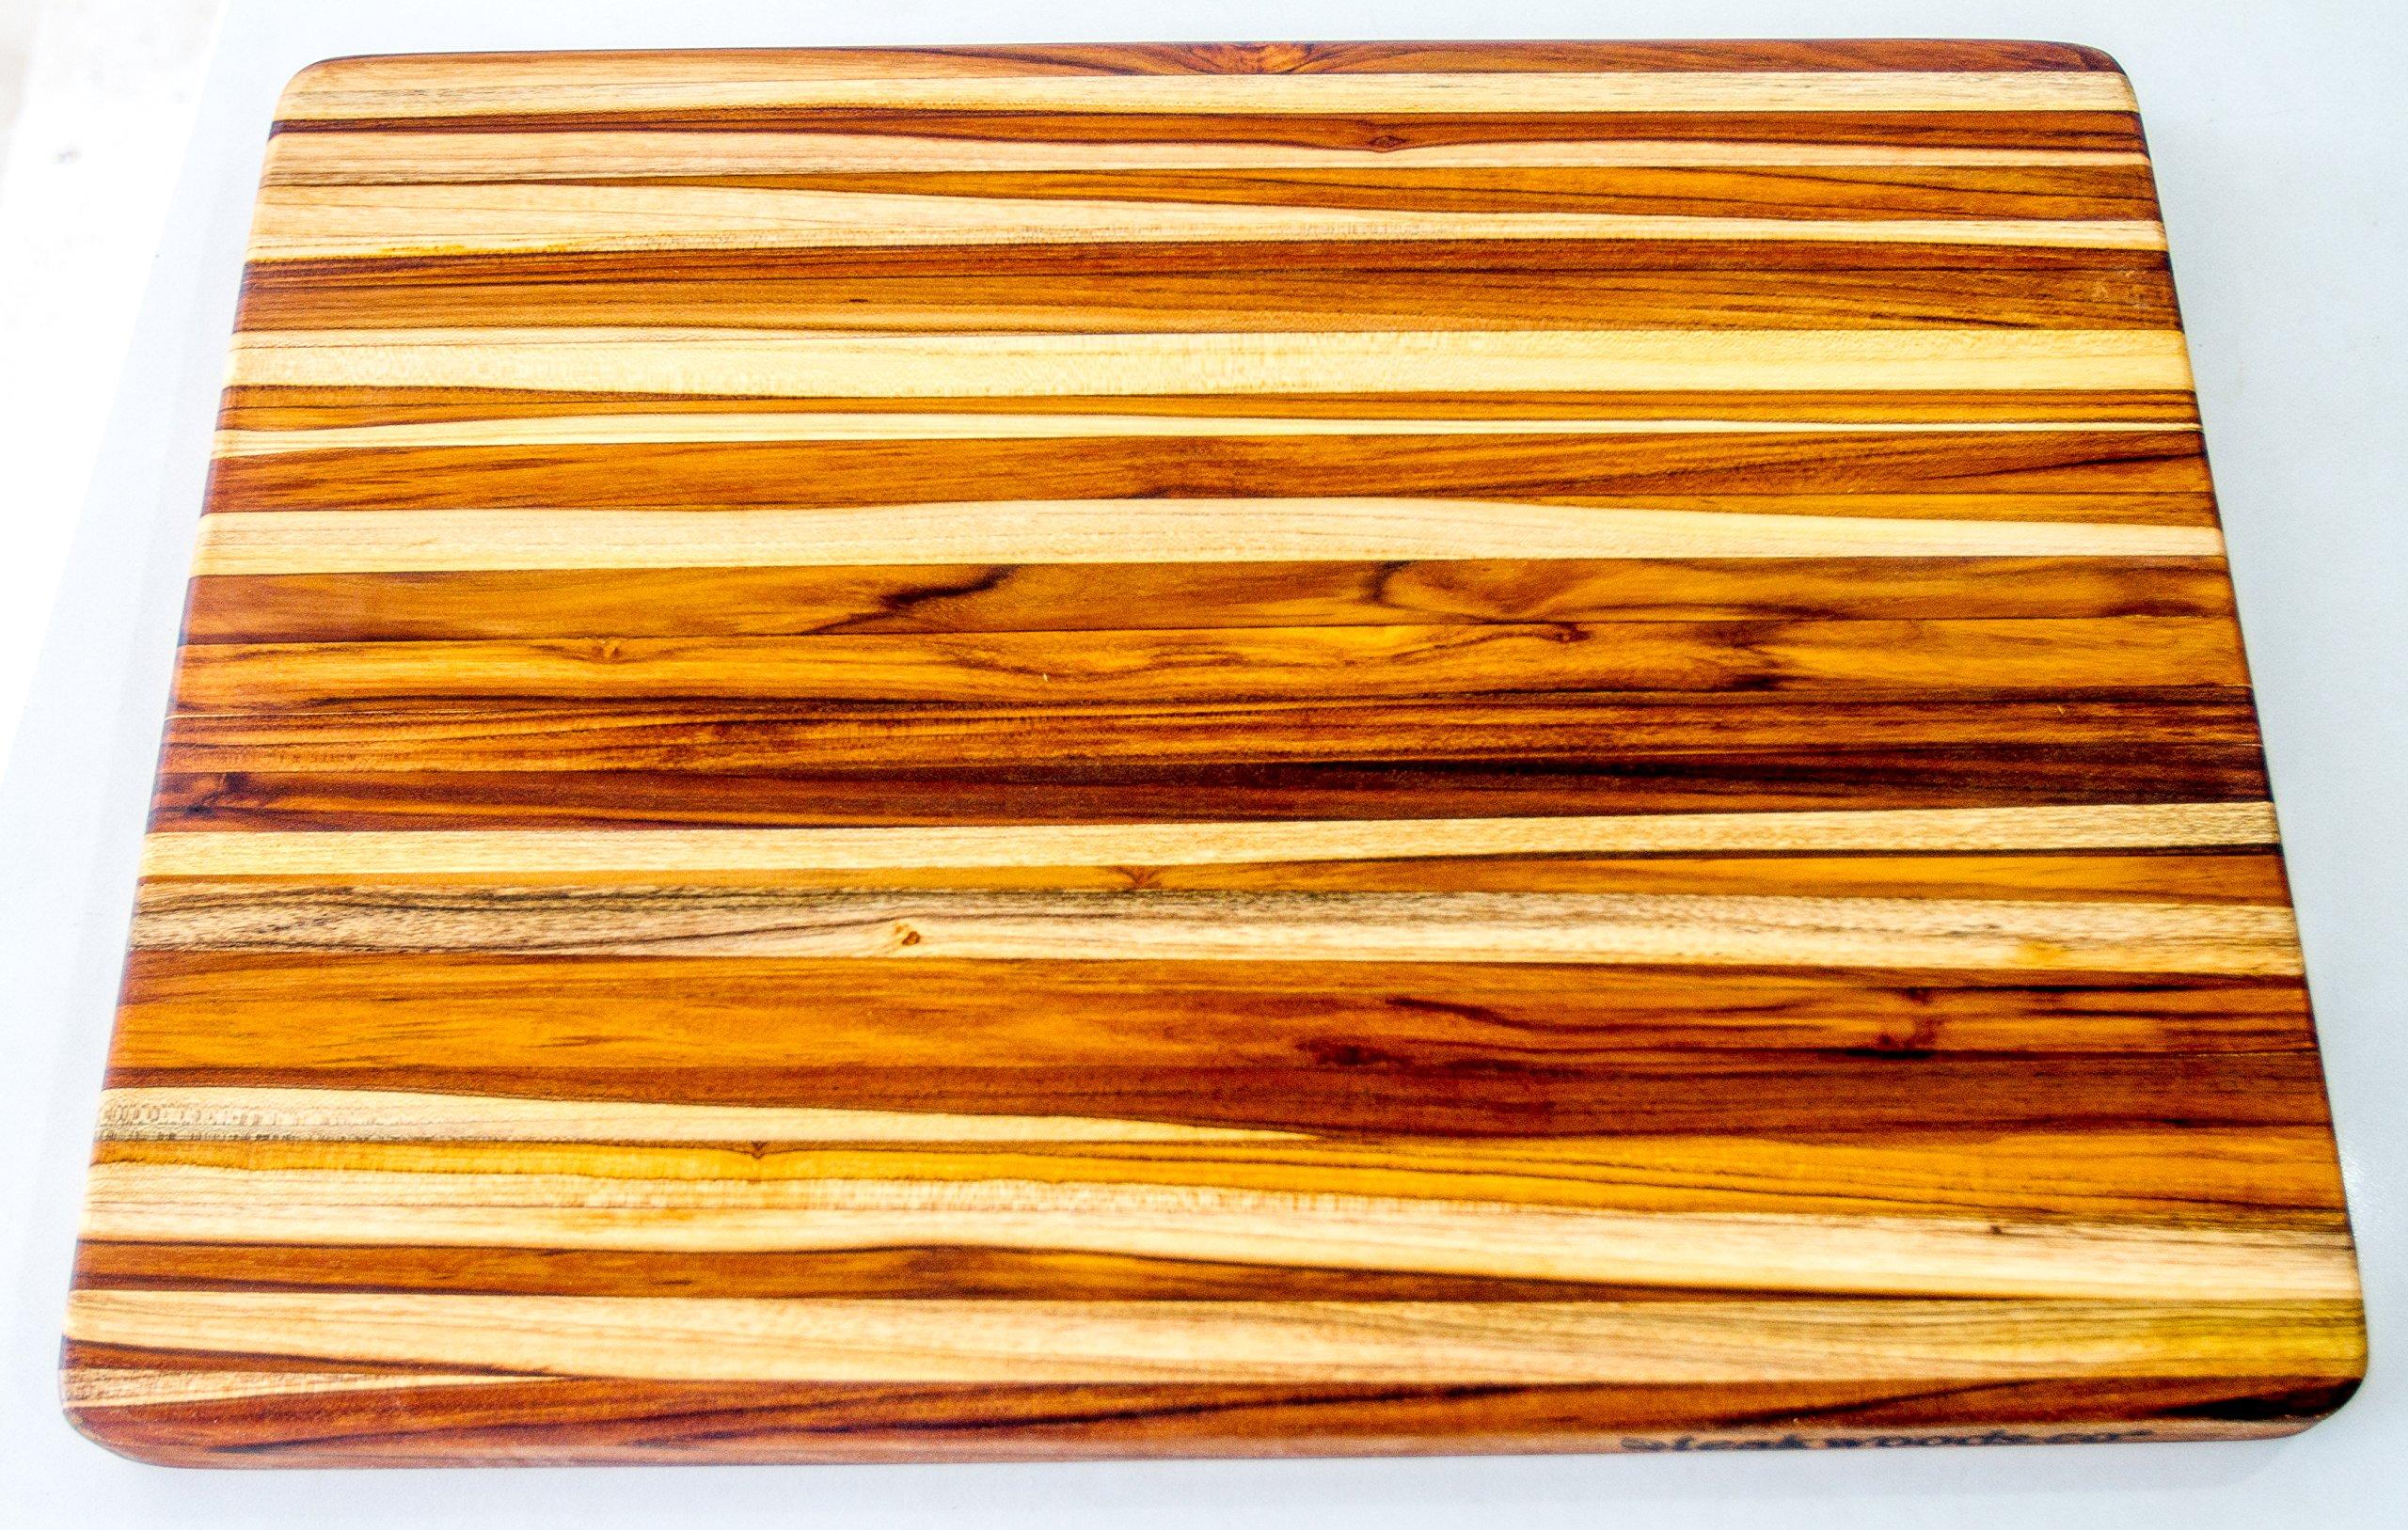 Teak Wood Edge Grain Cutting Board Hand Grips 24 x 18 x 1.5 Inches by Teakwoods